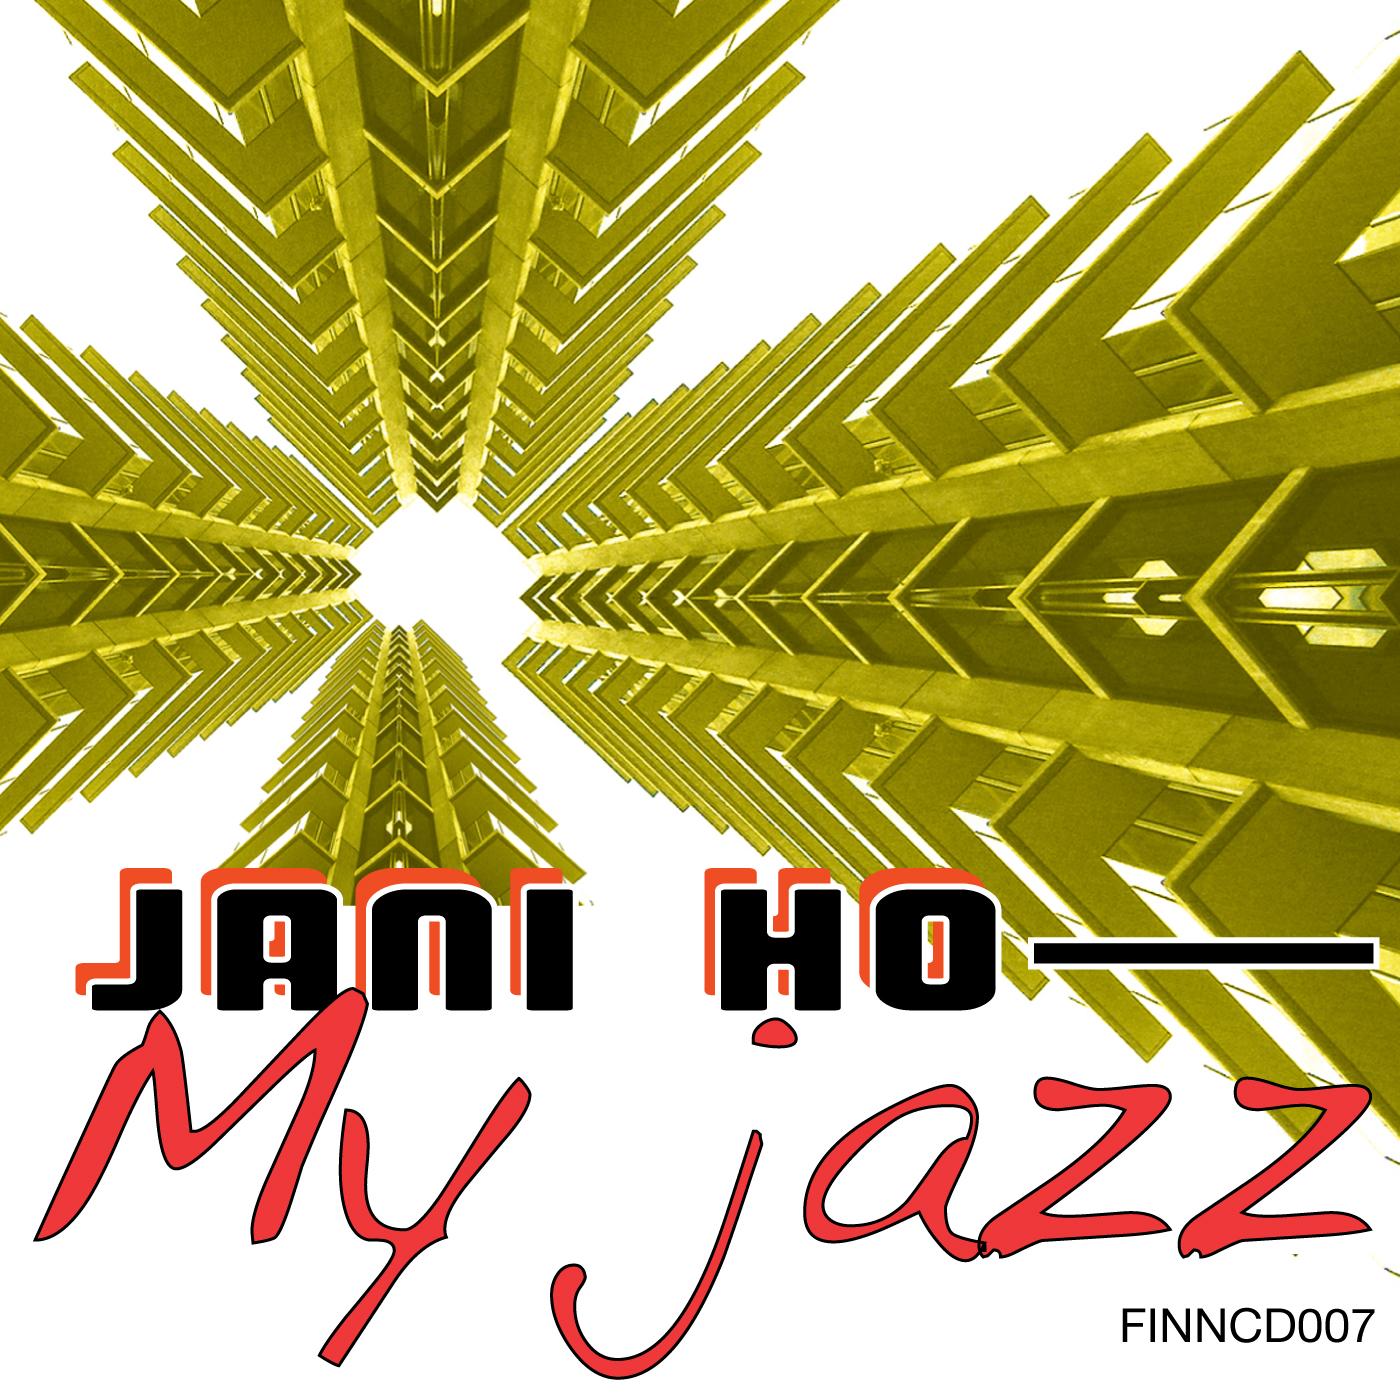 My Jazz - Jani Ho